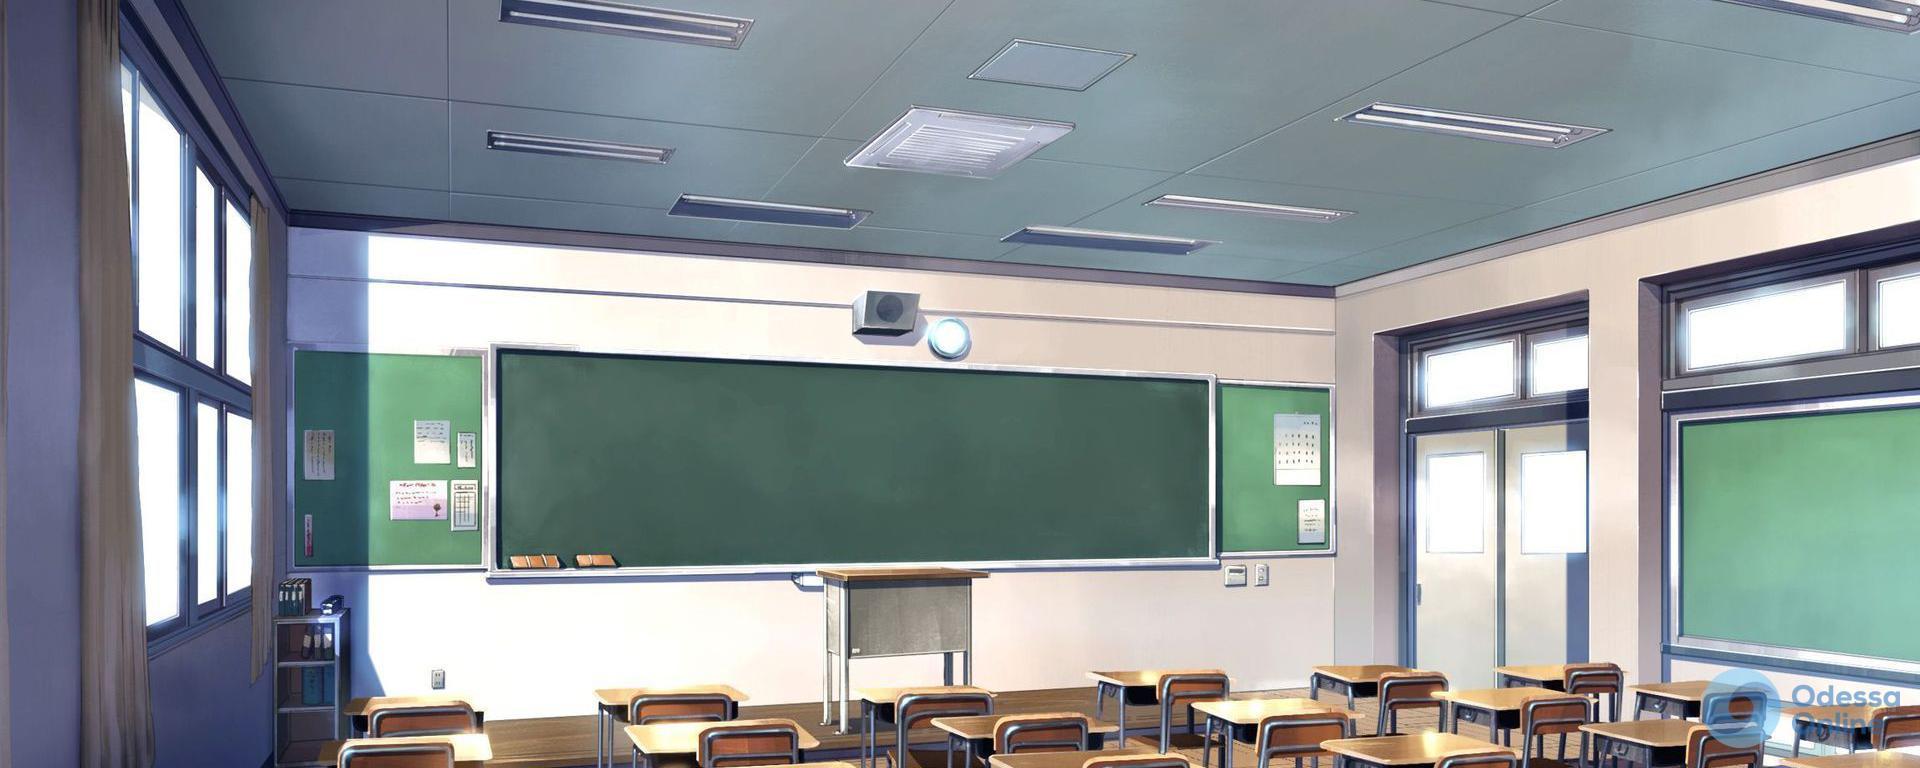 В школах и детсадах Одессы избавятся от опасных натяжных потолков